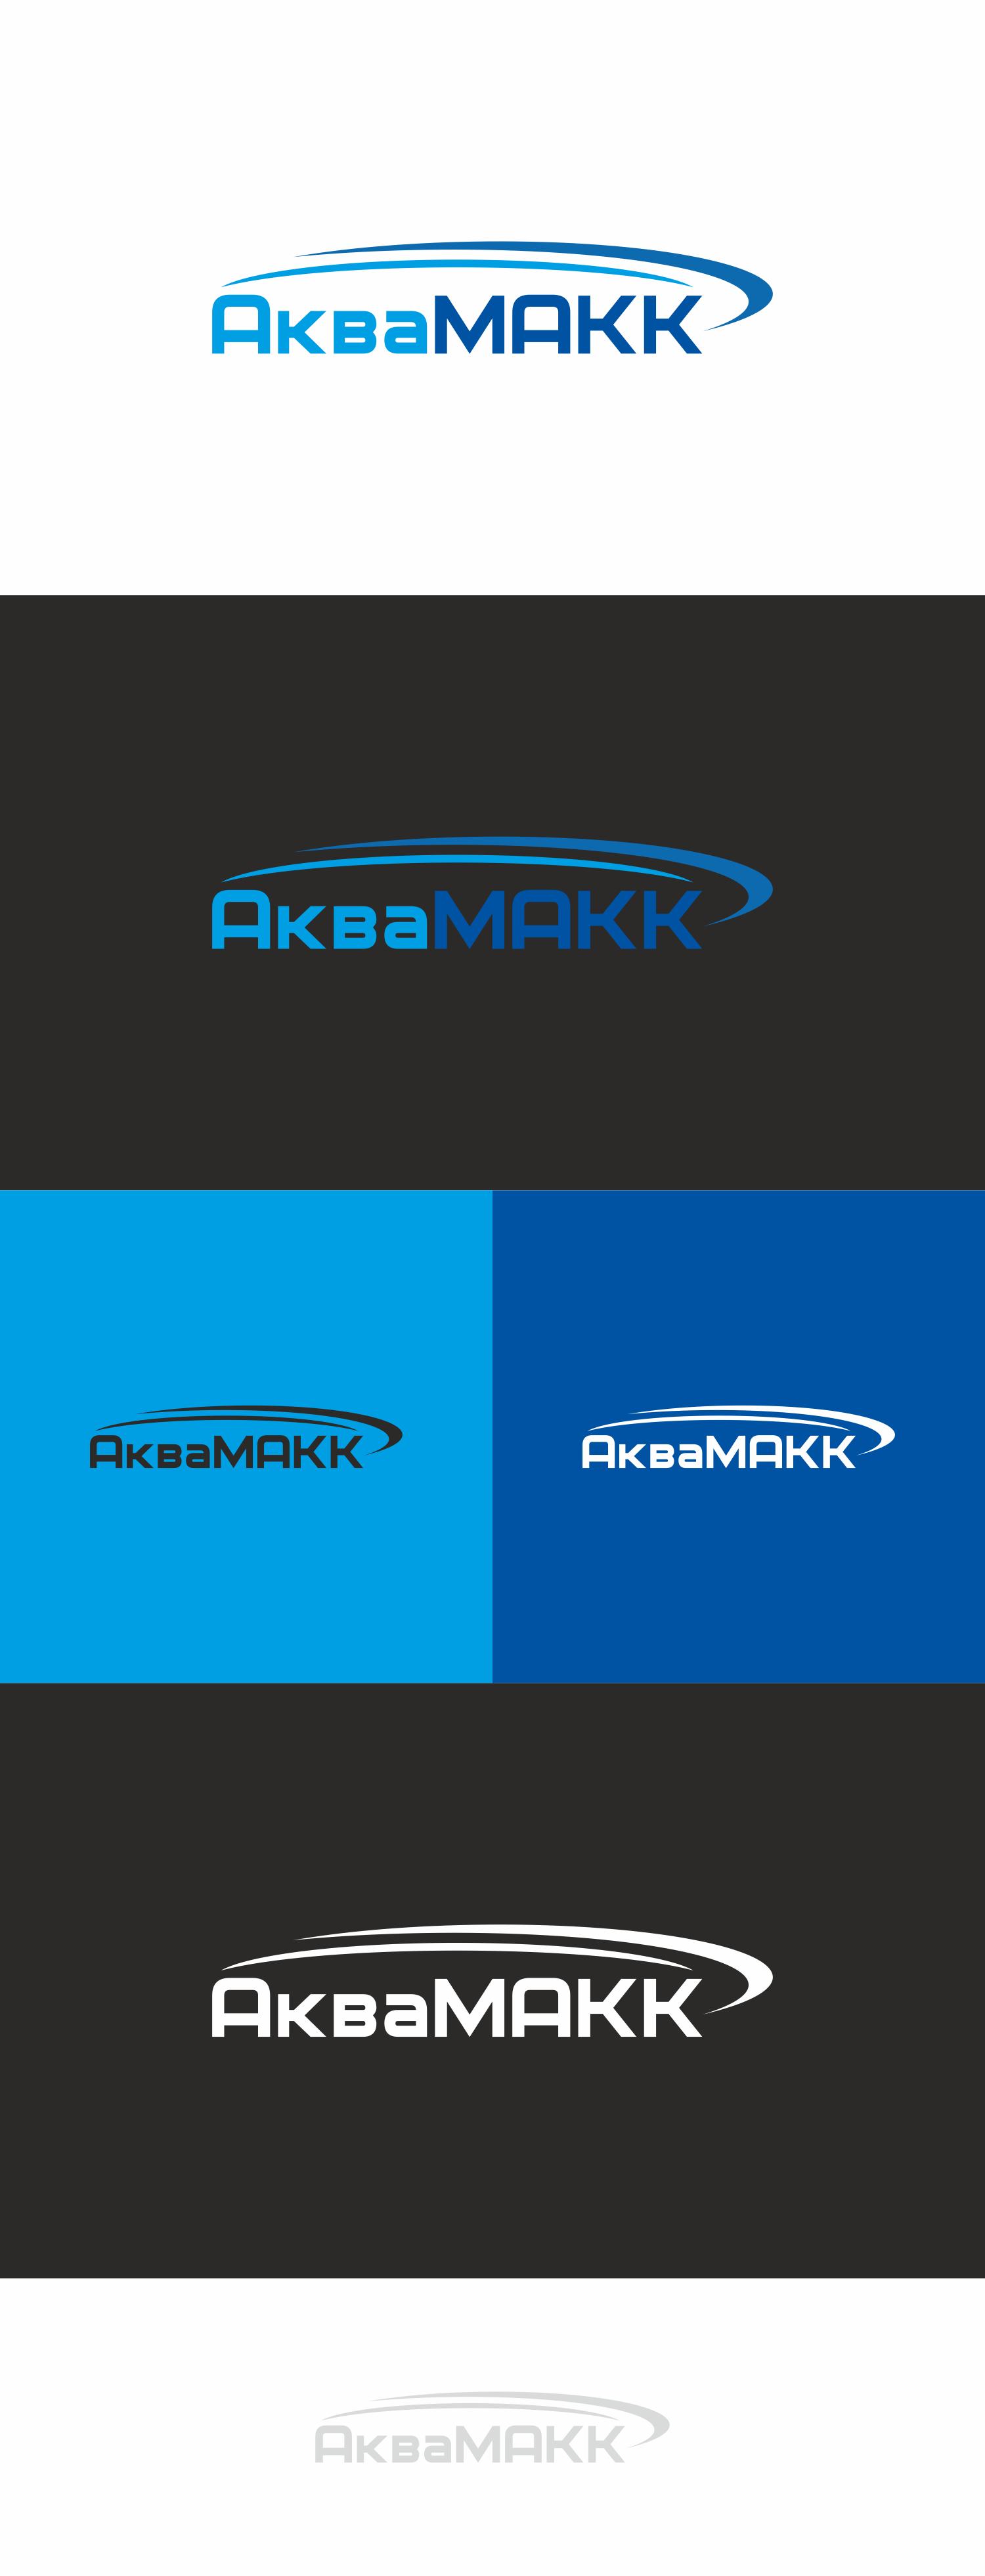 Разработка логотипа для линейки продуктов в стиле леттеринг фото f_0125a0c627ab0d61.jpg